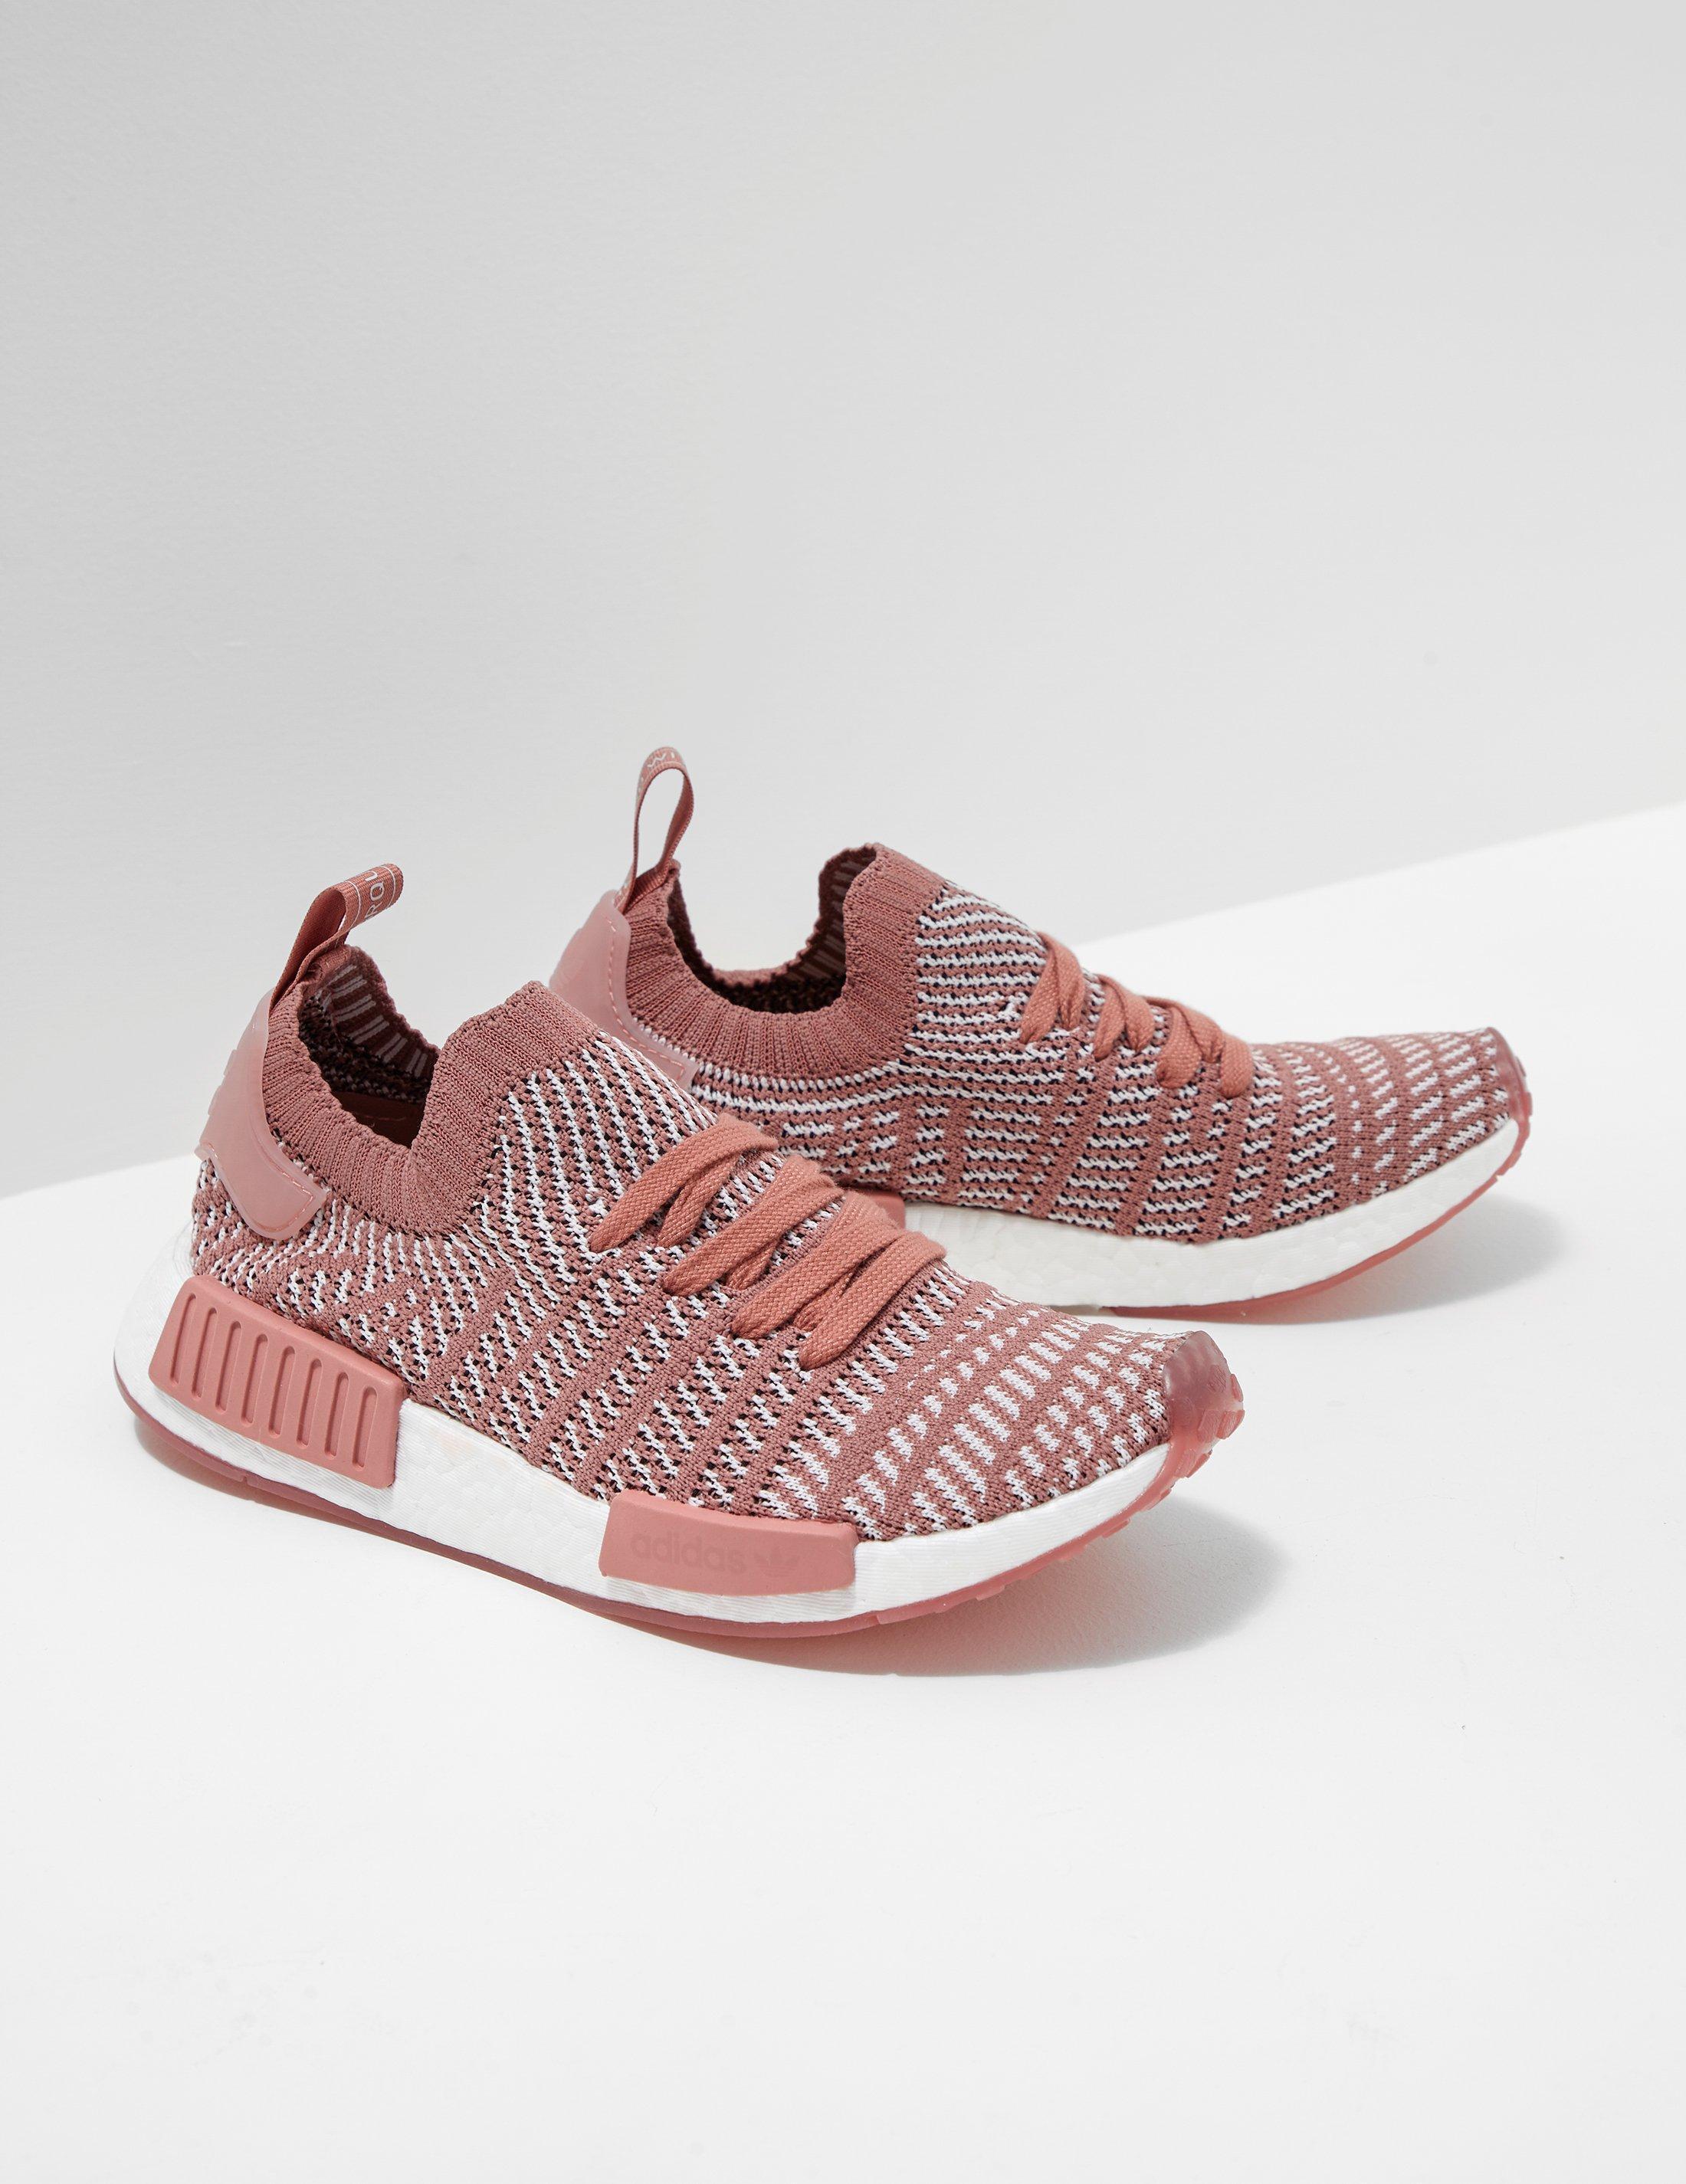 1a8d9f883d9bea Adidas Originals - Pink Nmd r1 Stlt Pk Running Shoe - Lyst. View fullscreen